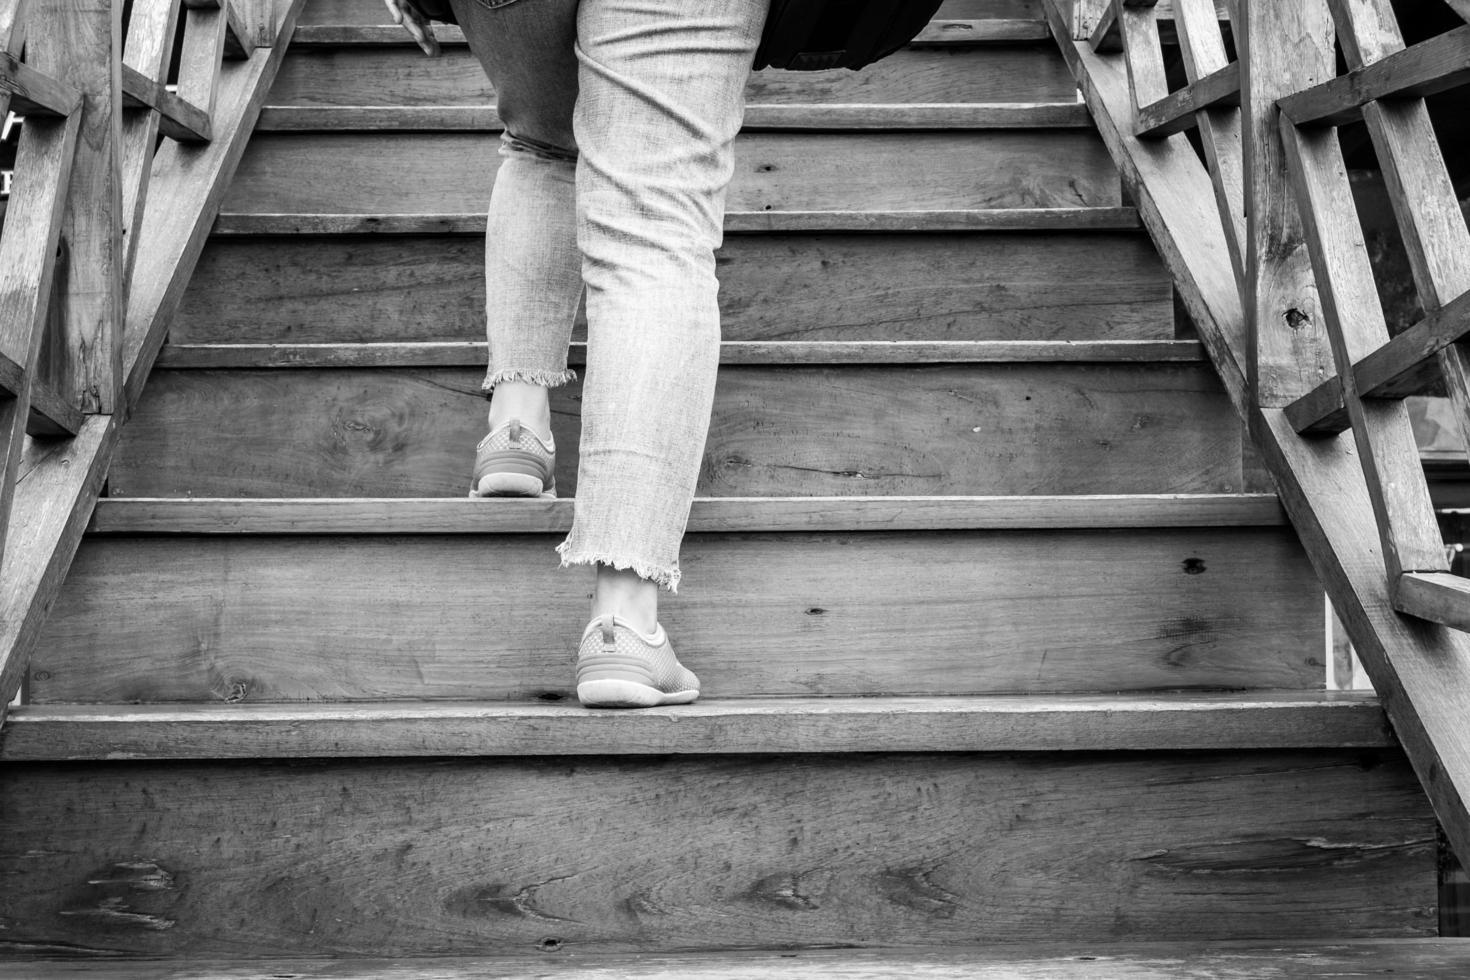 donna che cammina su per le scale foto